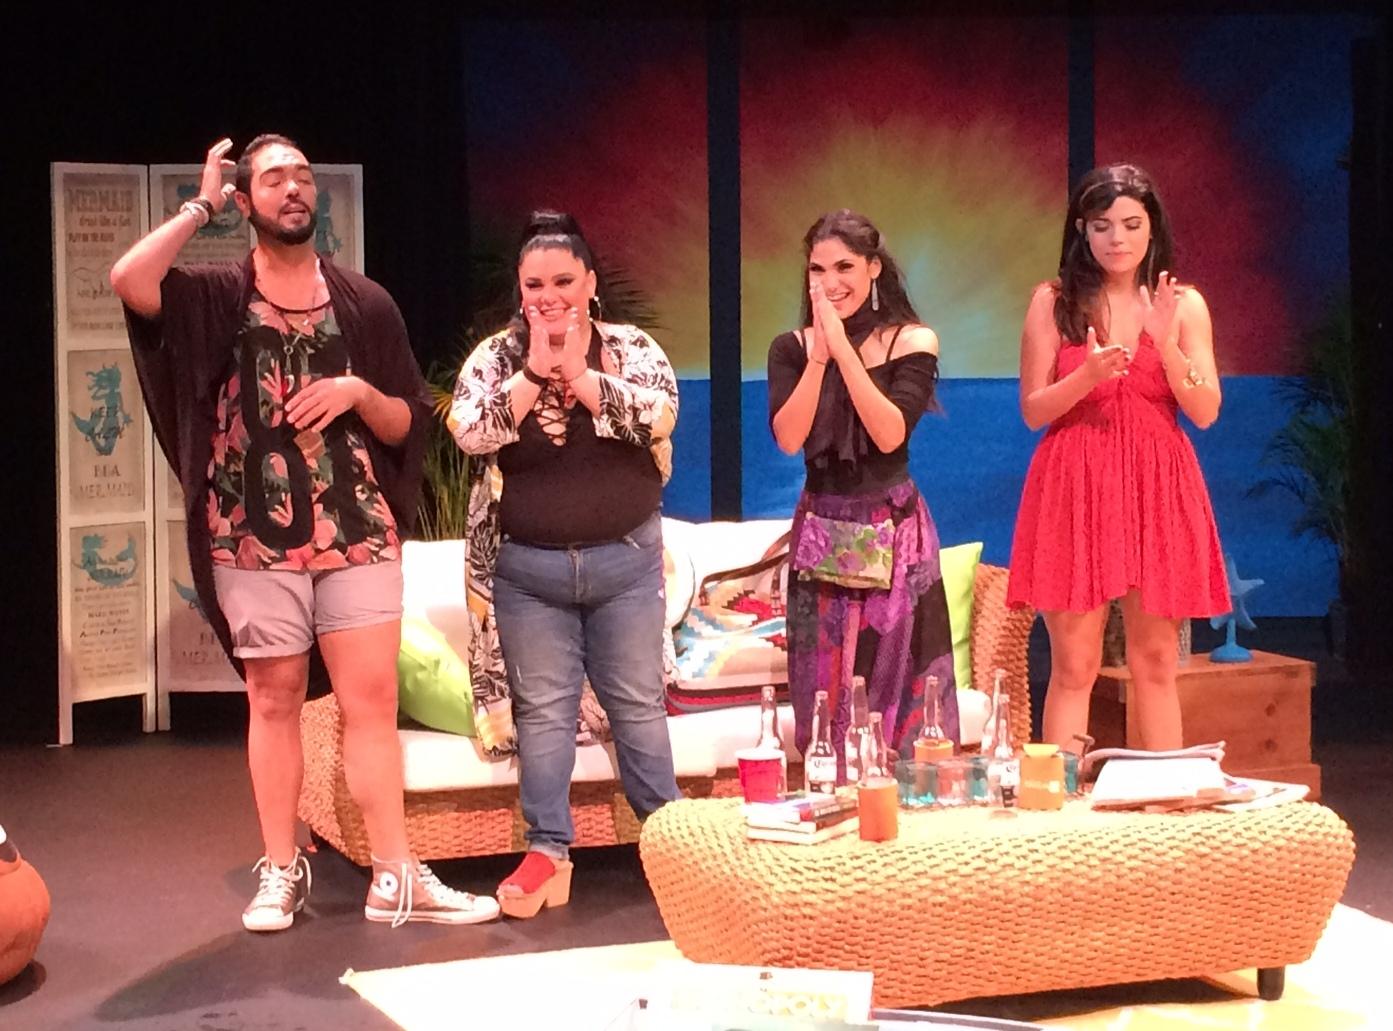 La atinada labor del elenco fue premiada por el público. (Foto Joselo Arroyo para Fundación Nacional para la Cultura Popular)